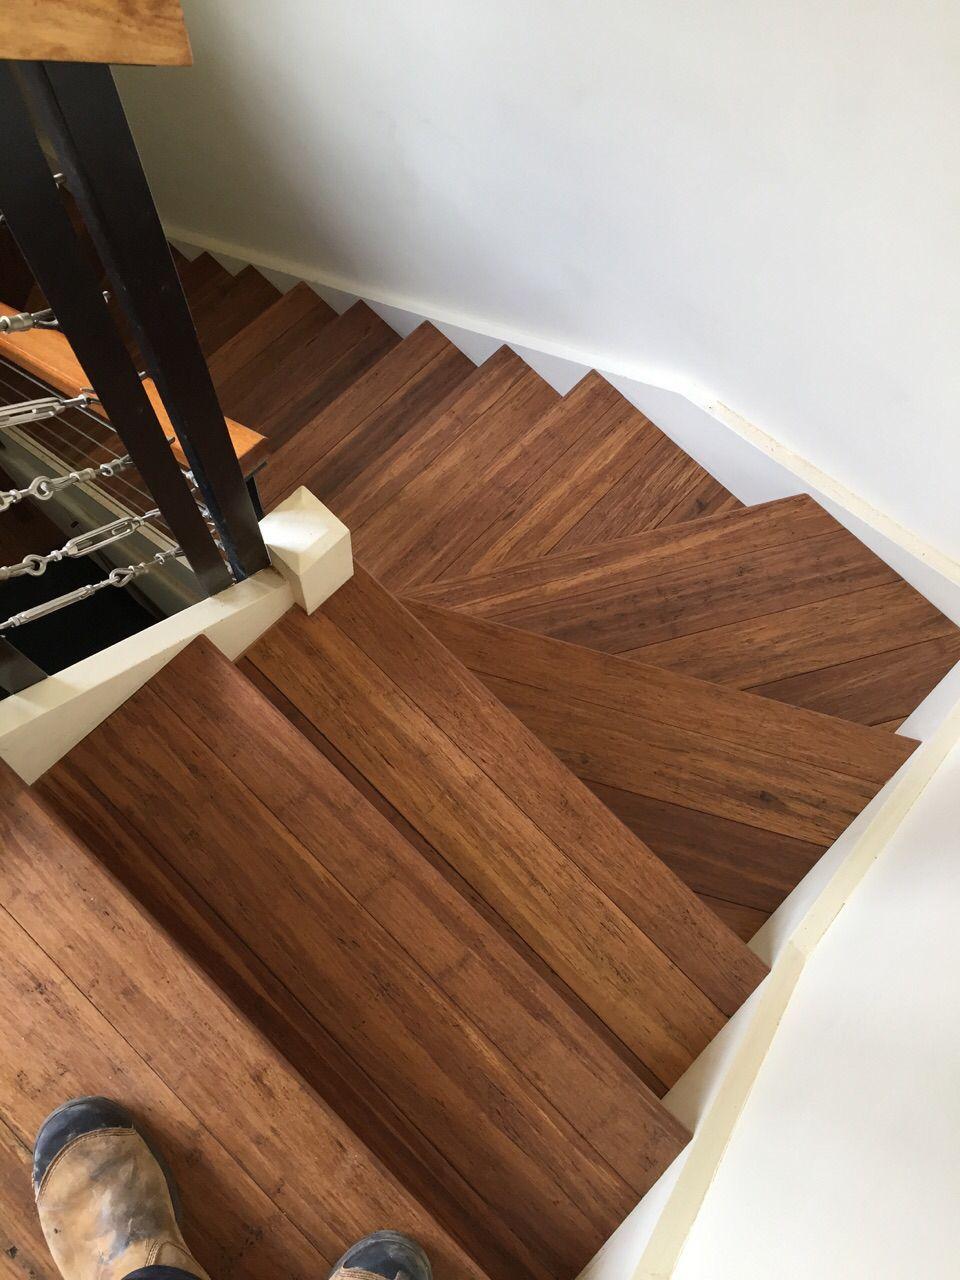 Embelton Kakadu Coloured Bamboo Flooring Finished Off With Solid